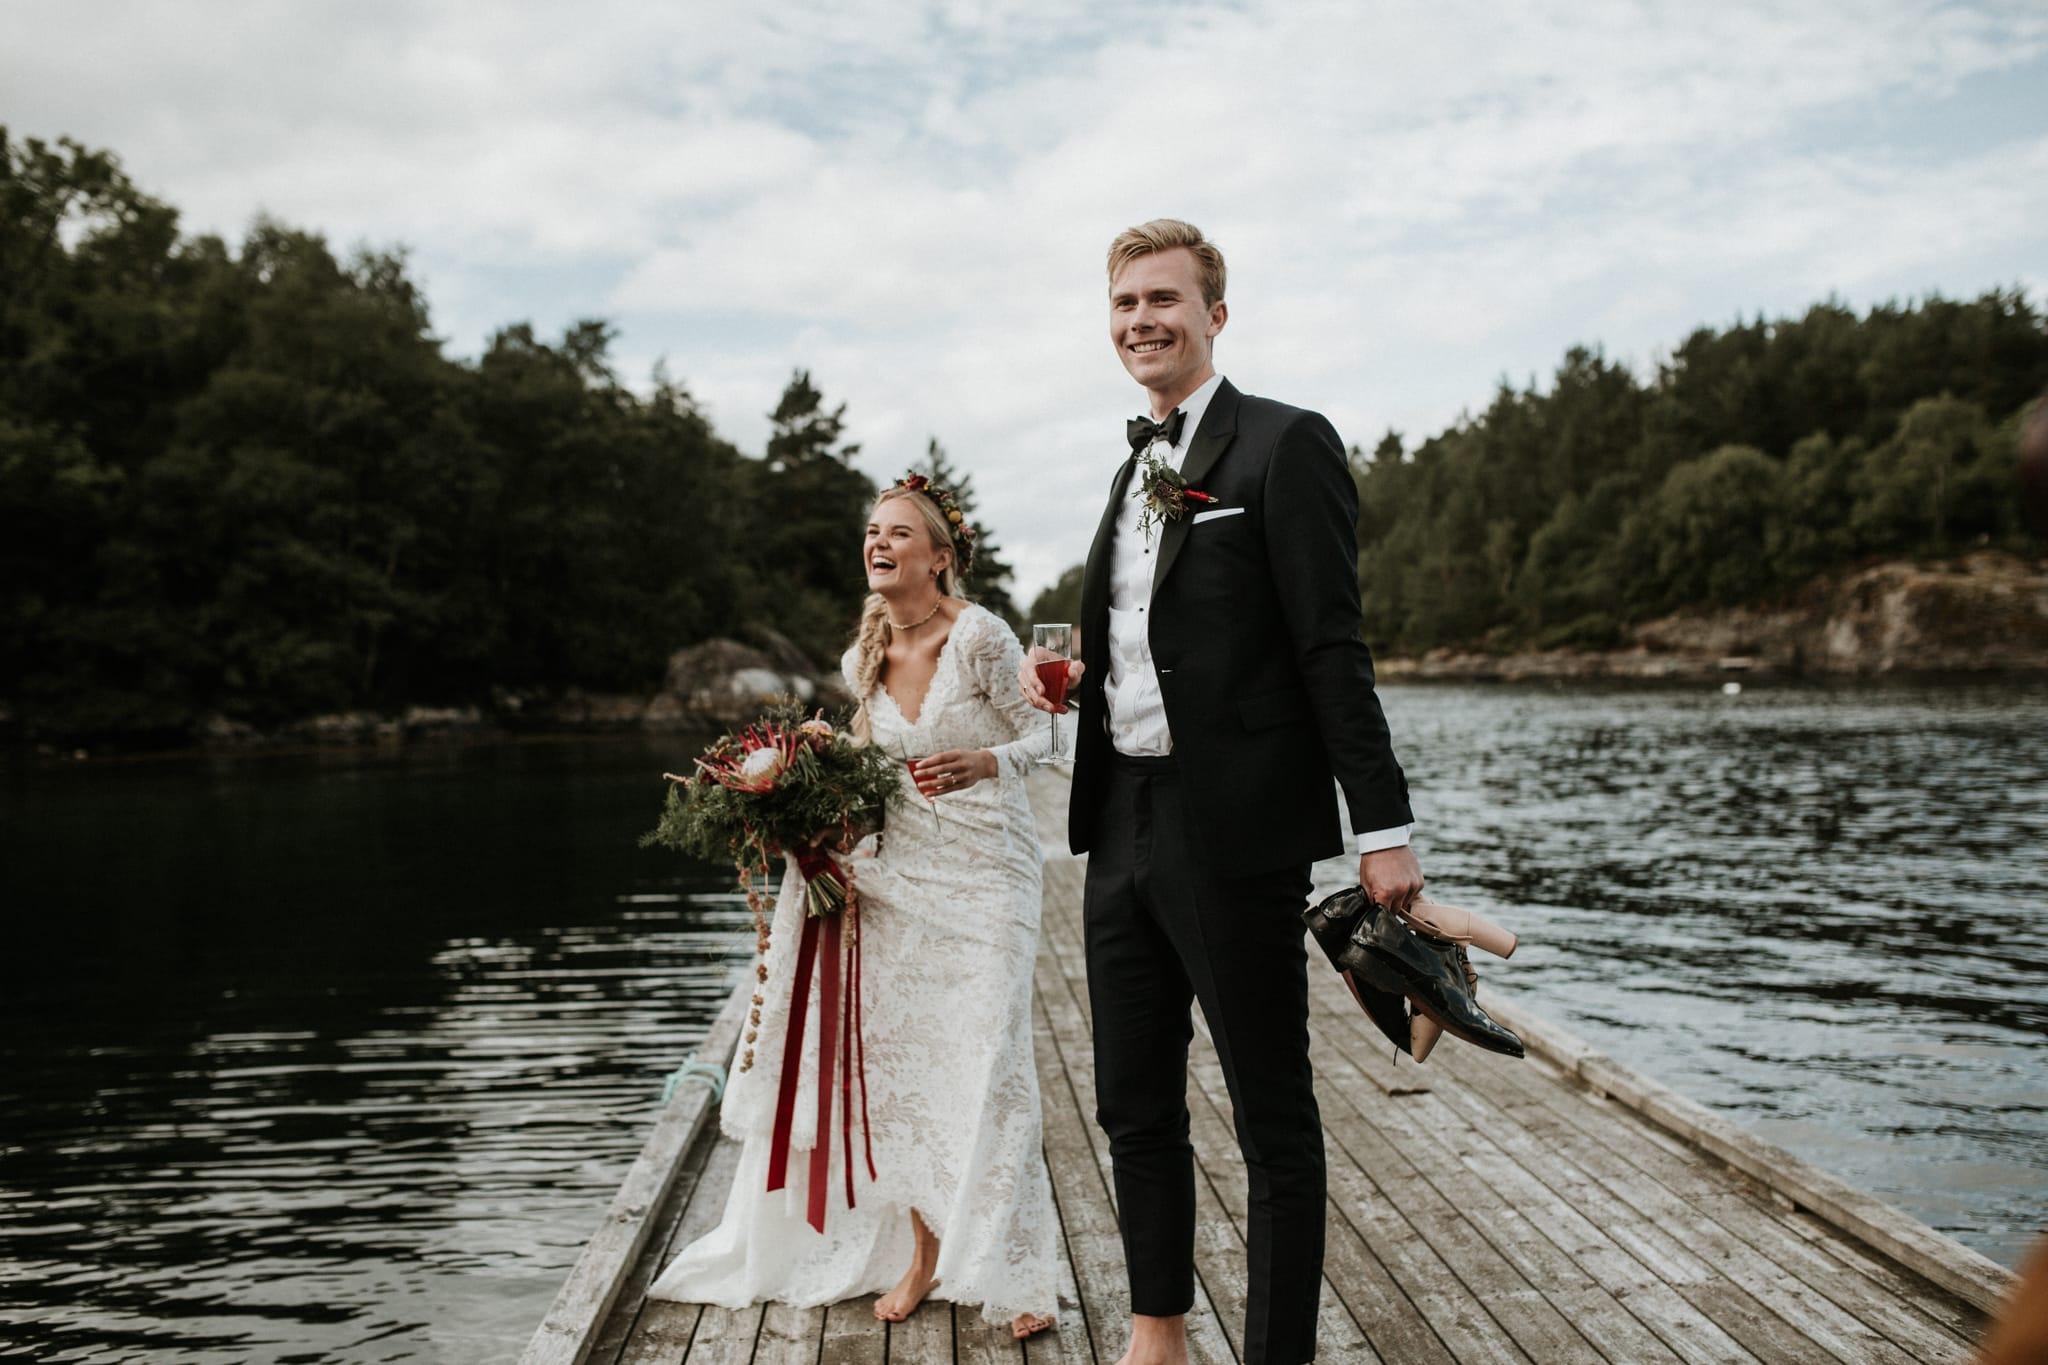 Norway-wedding-photographer-oslo-11.jpg